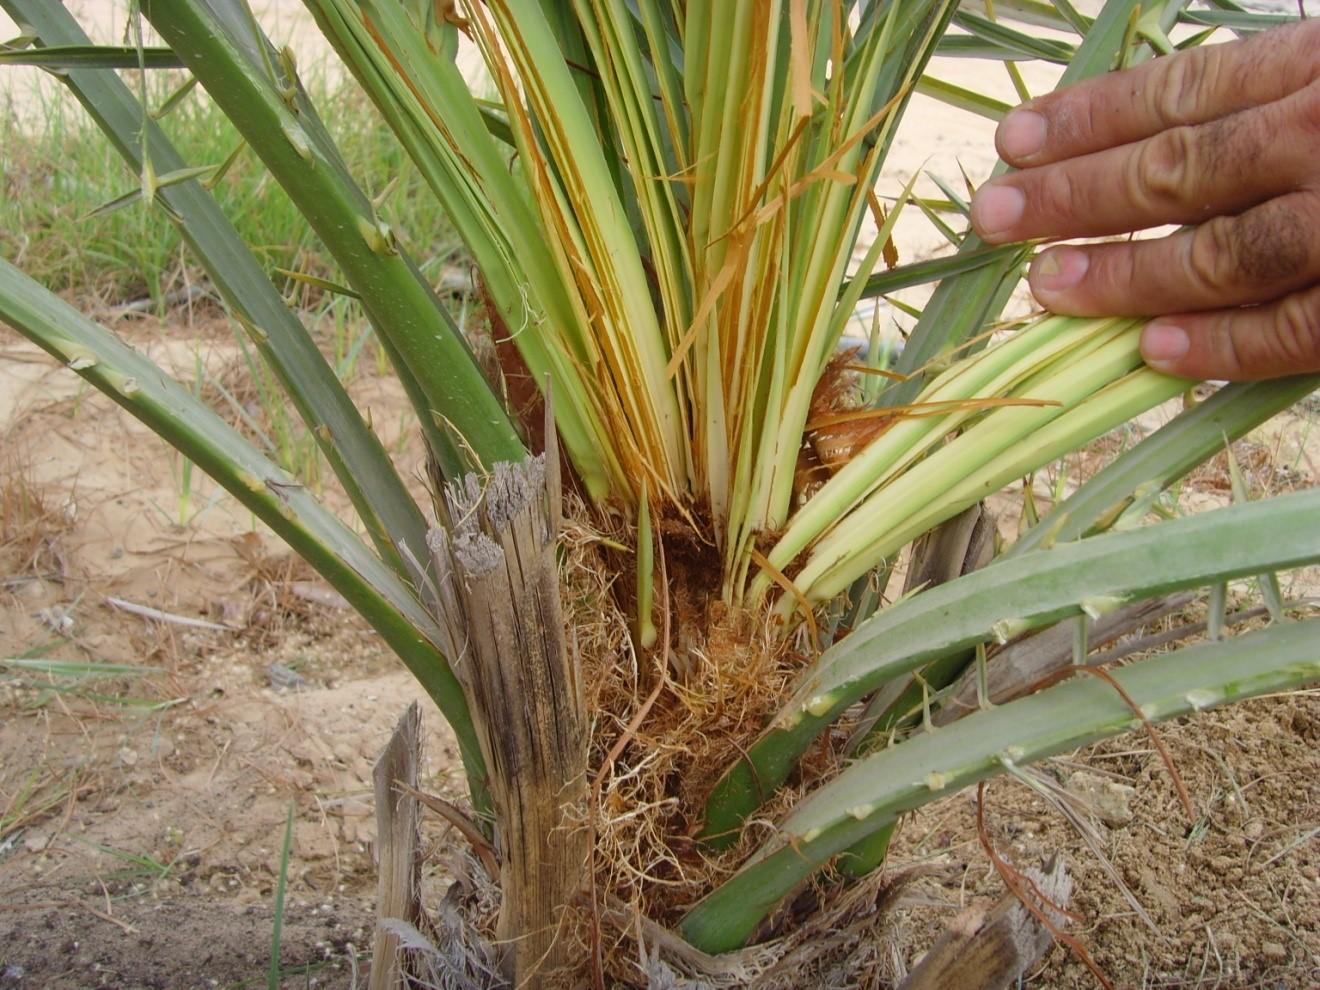 المكافحة الكيميائية لأهم الحشرات التي تصيب أشجار النخيل